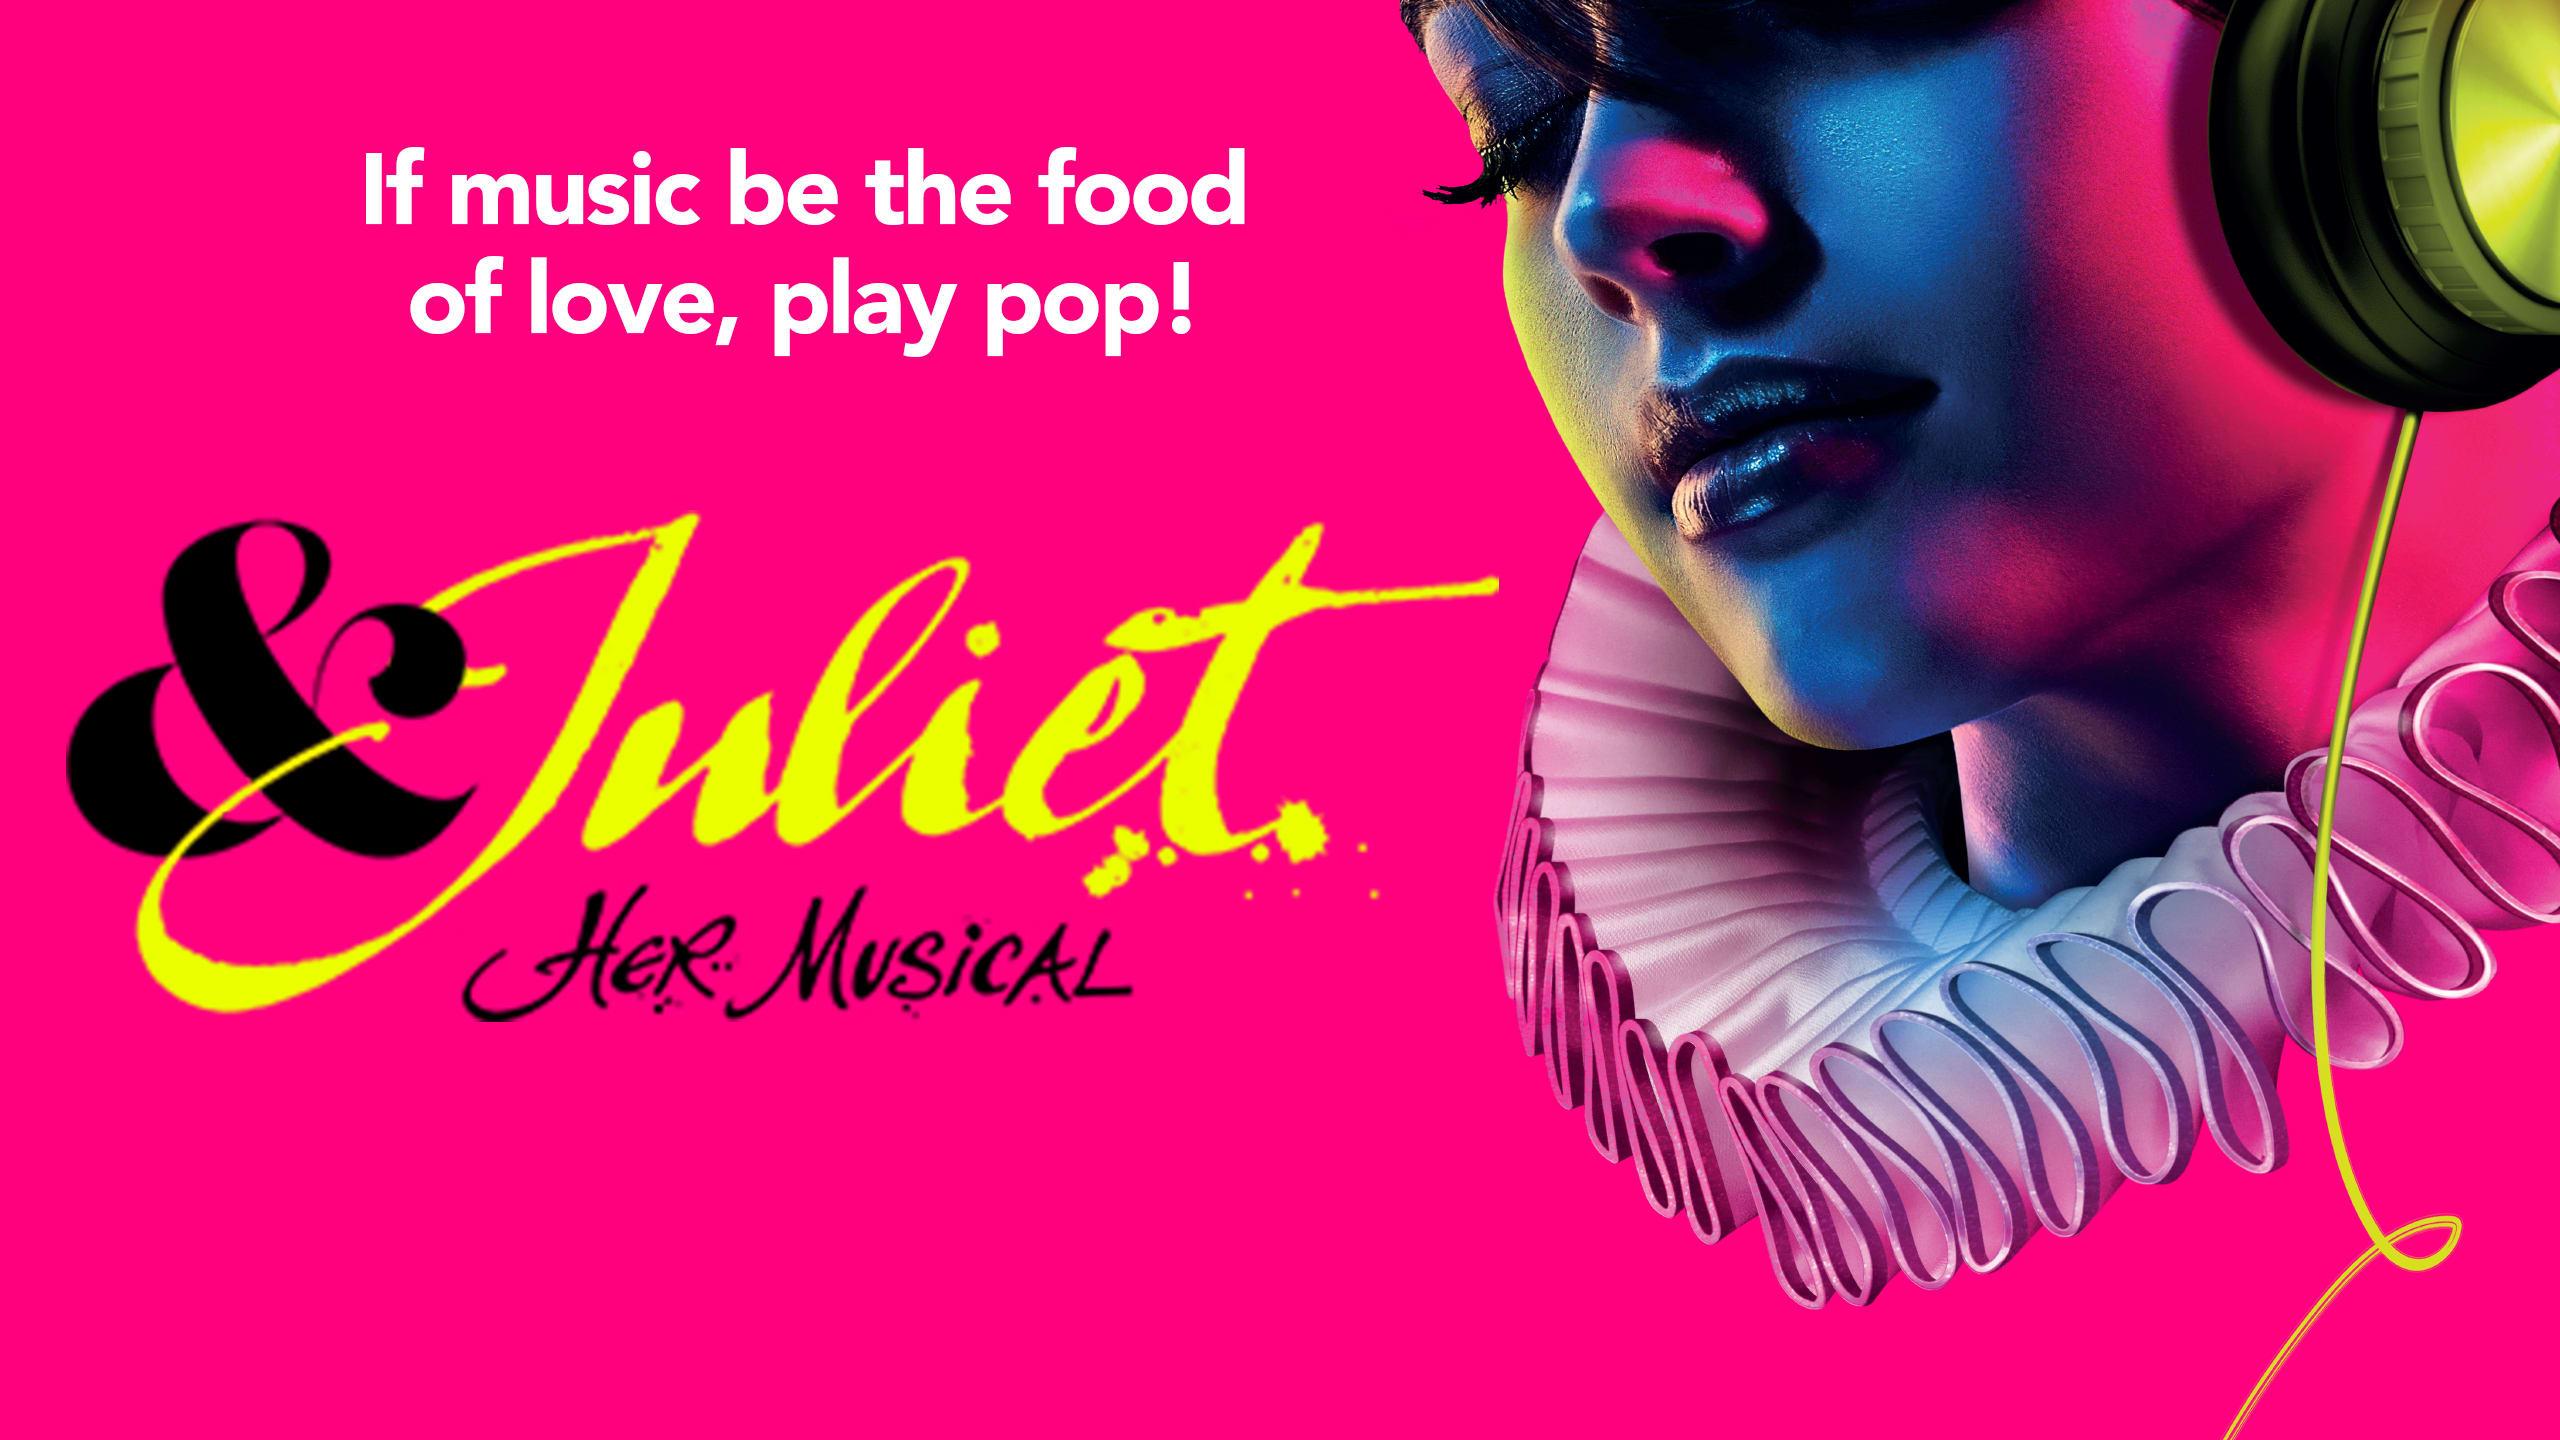 & Juliet - title large